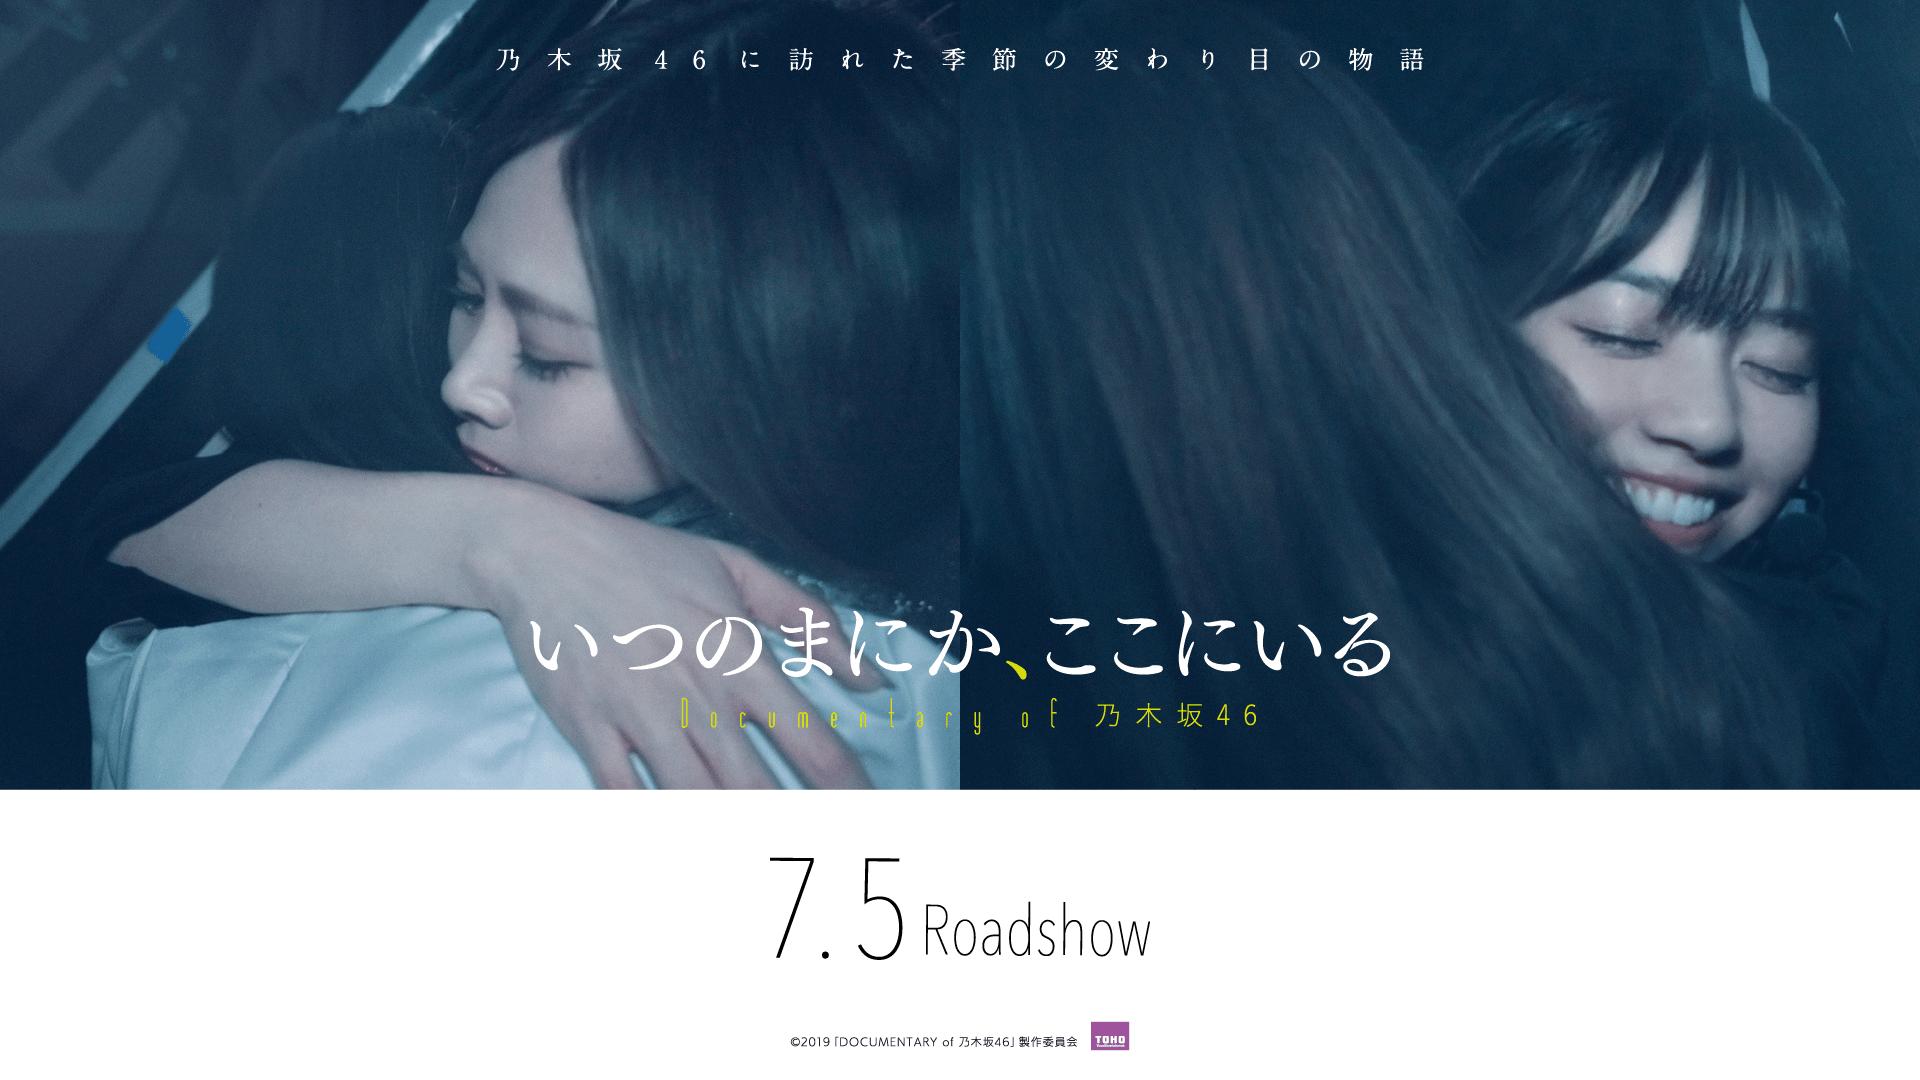 映画 いつのまにか ここにいる Documentary Of 乃木坂46 公式サイト